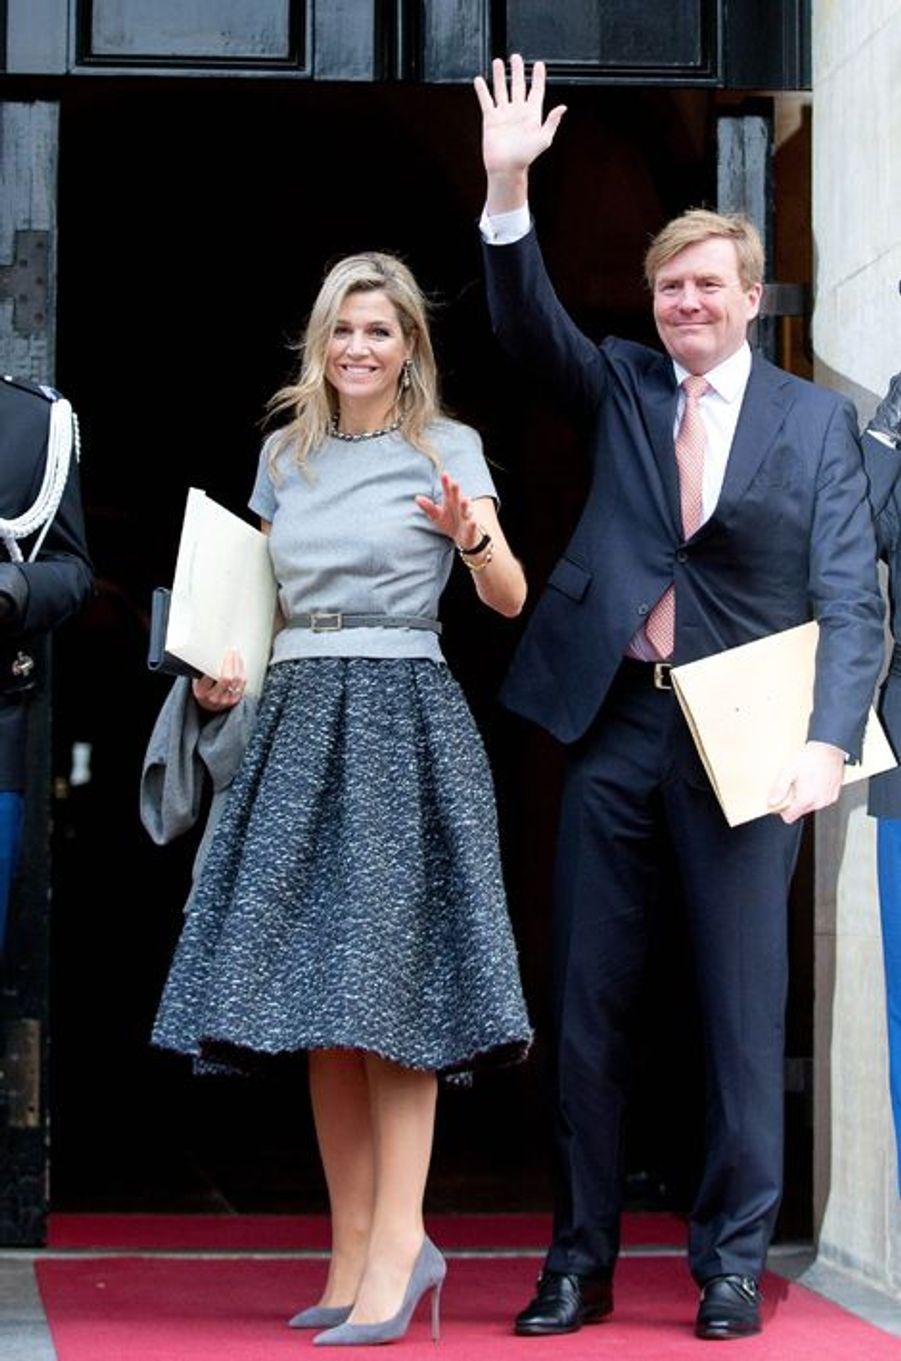 La reine Maxima et le roi Willem-Alexander des Pays-Bas à Amsterdam, le 2 décembre 2015